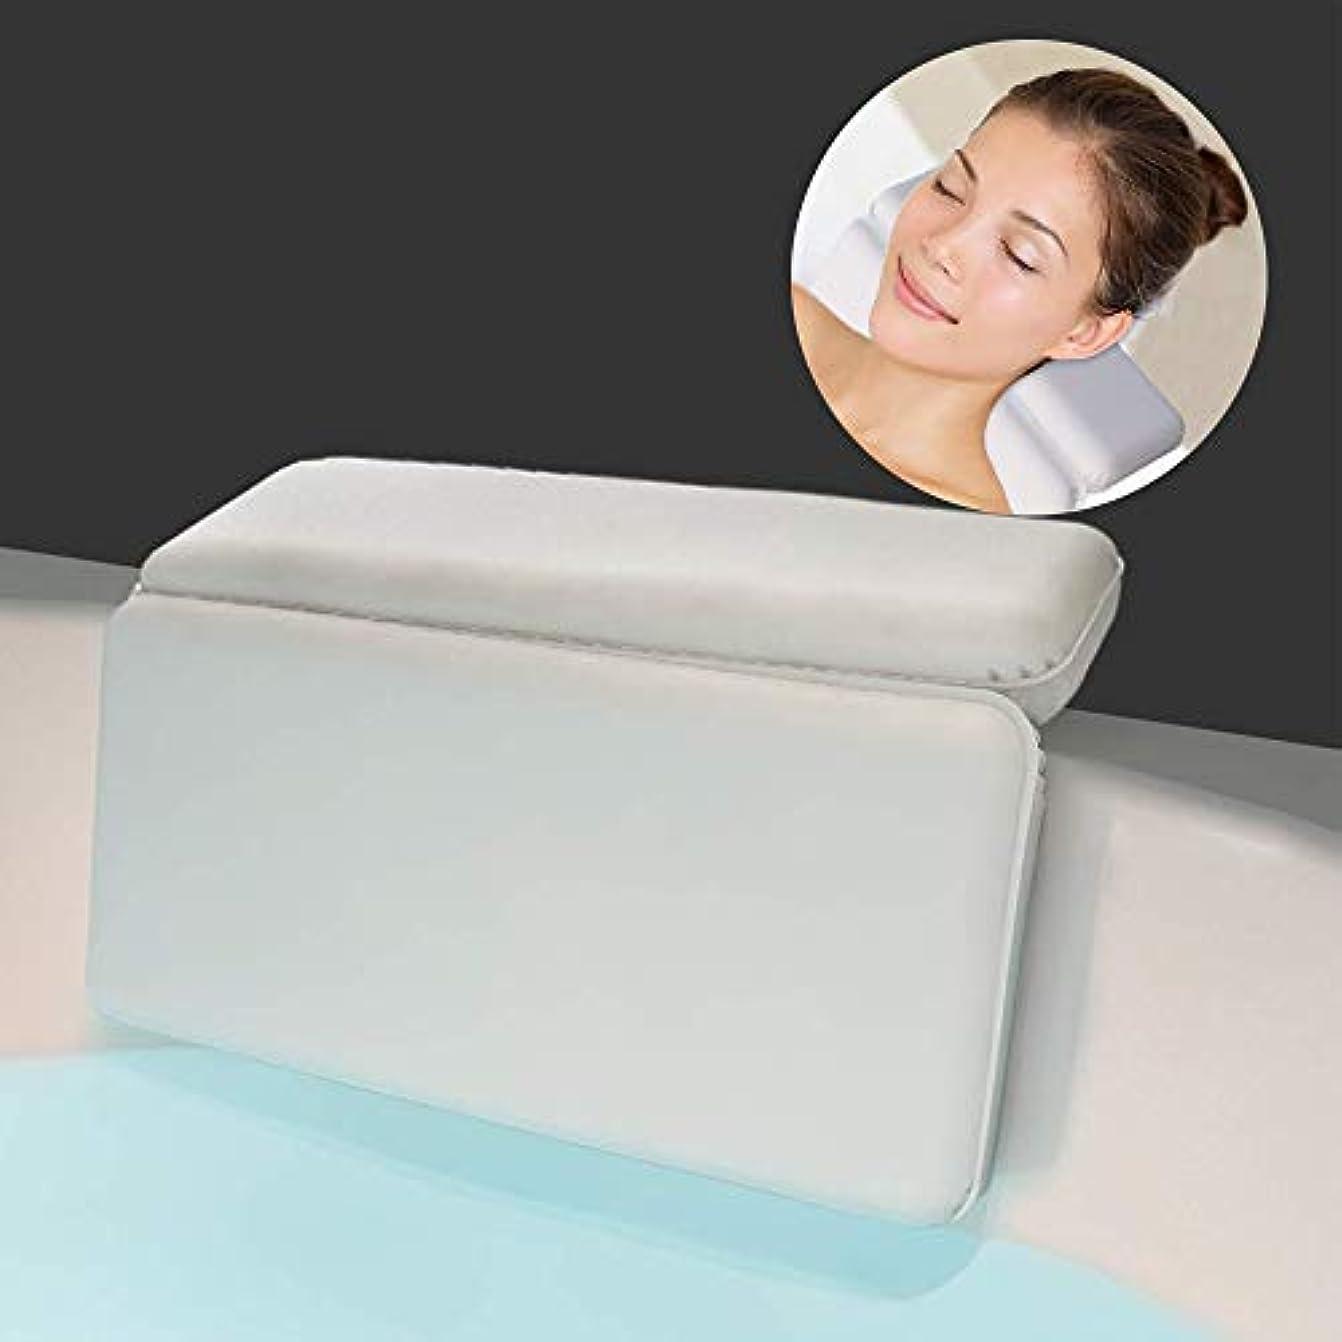 オセアニアワードローブふりをするサクションカップ付き防水ソフトバスピローショルダー&ネックサポート用の高級バスクッション。あらゆるサイズの浴槽にフィット